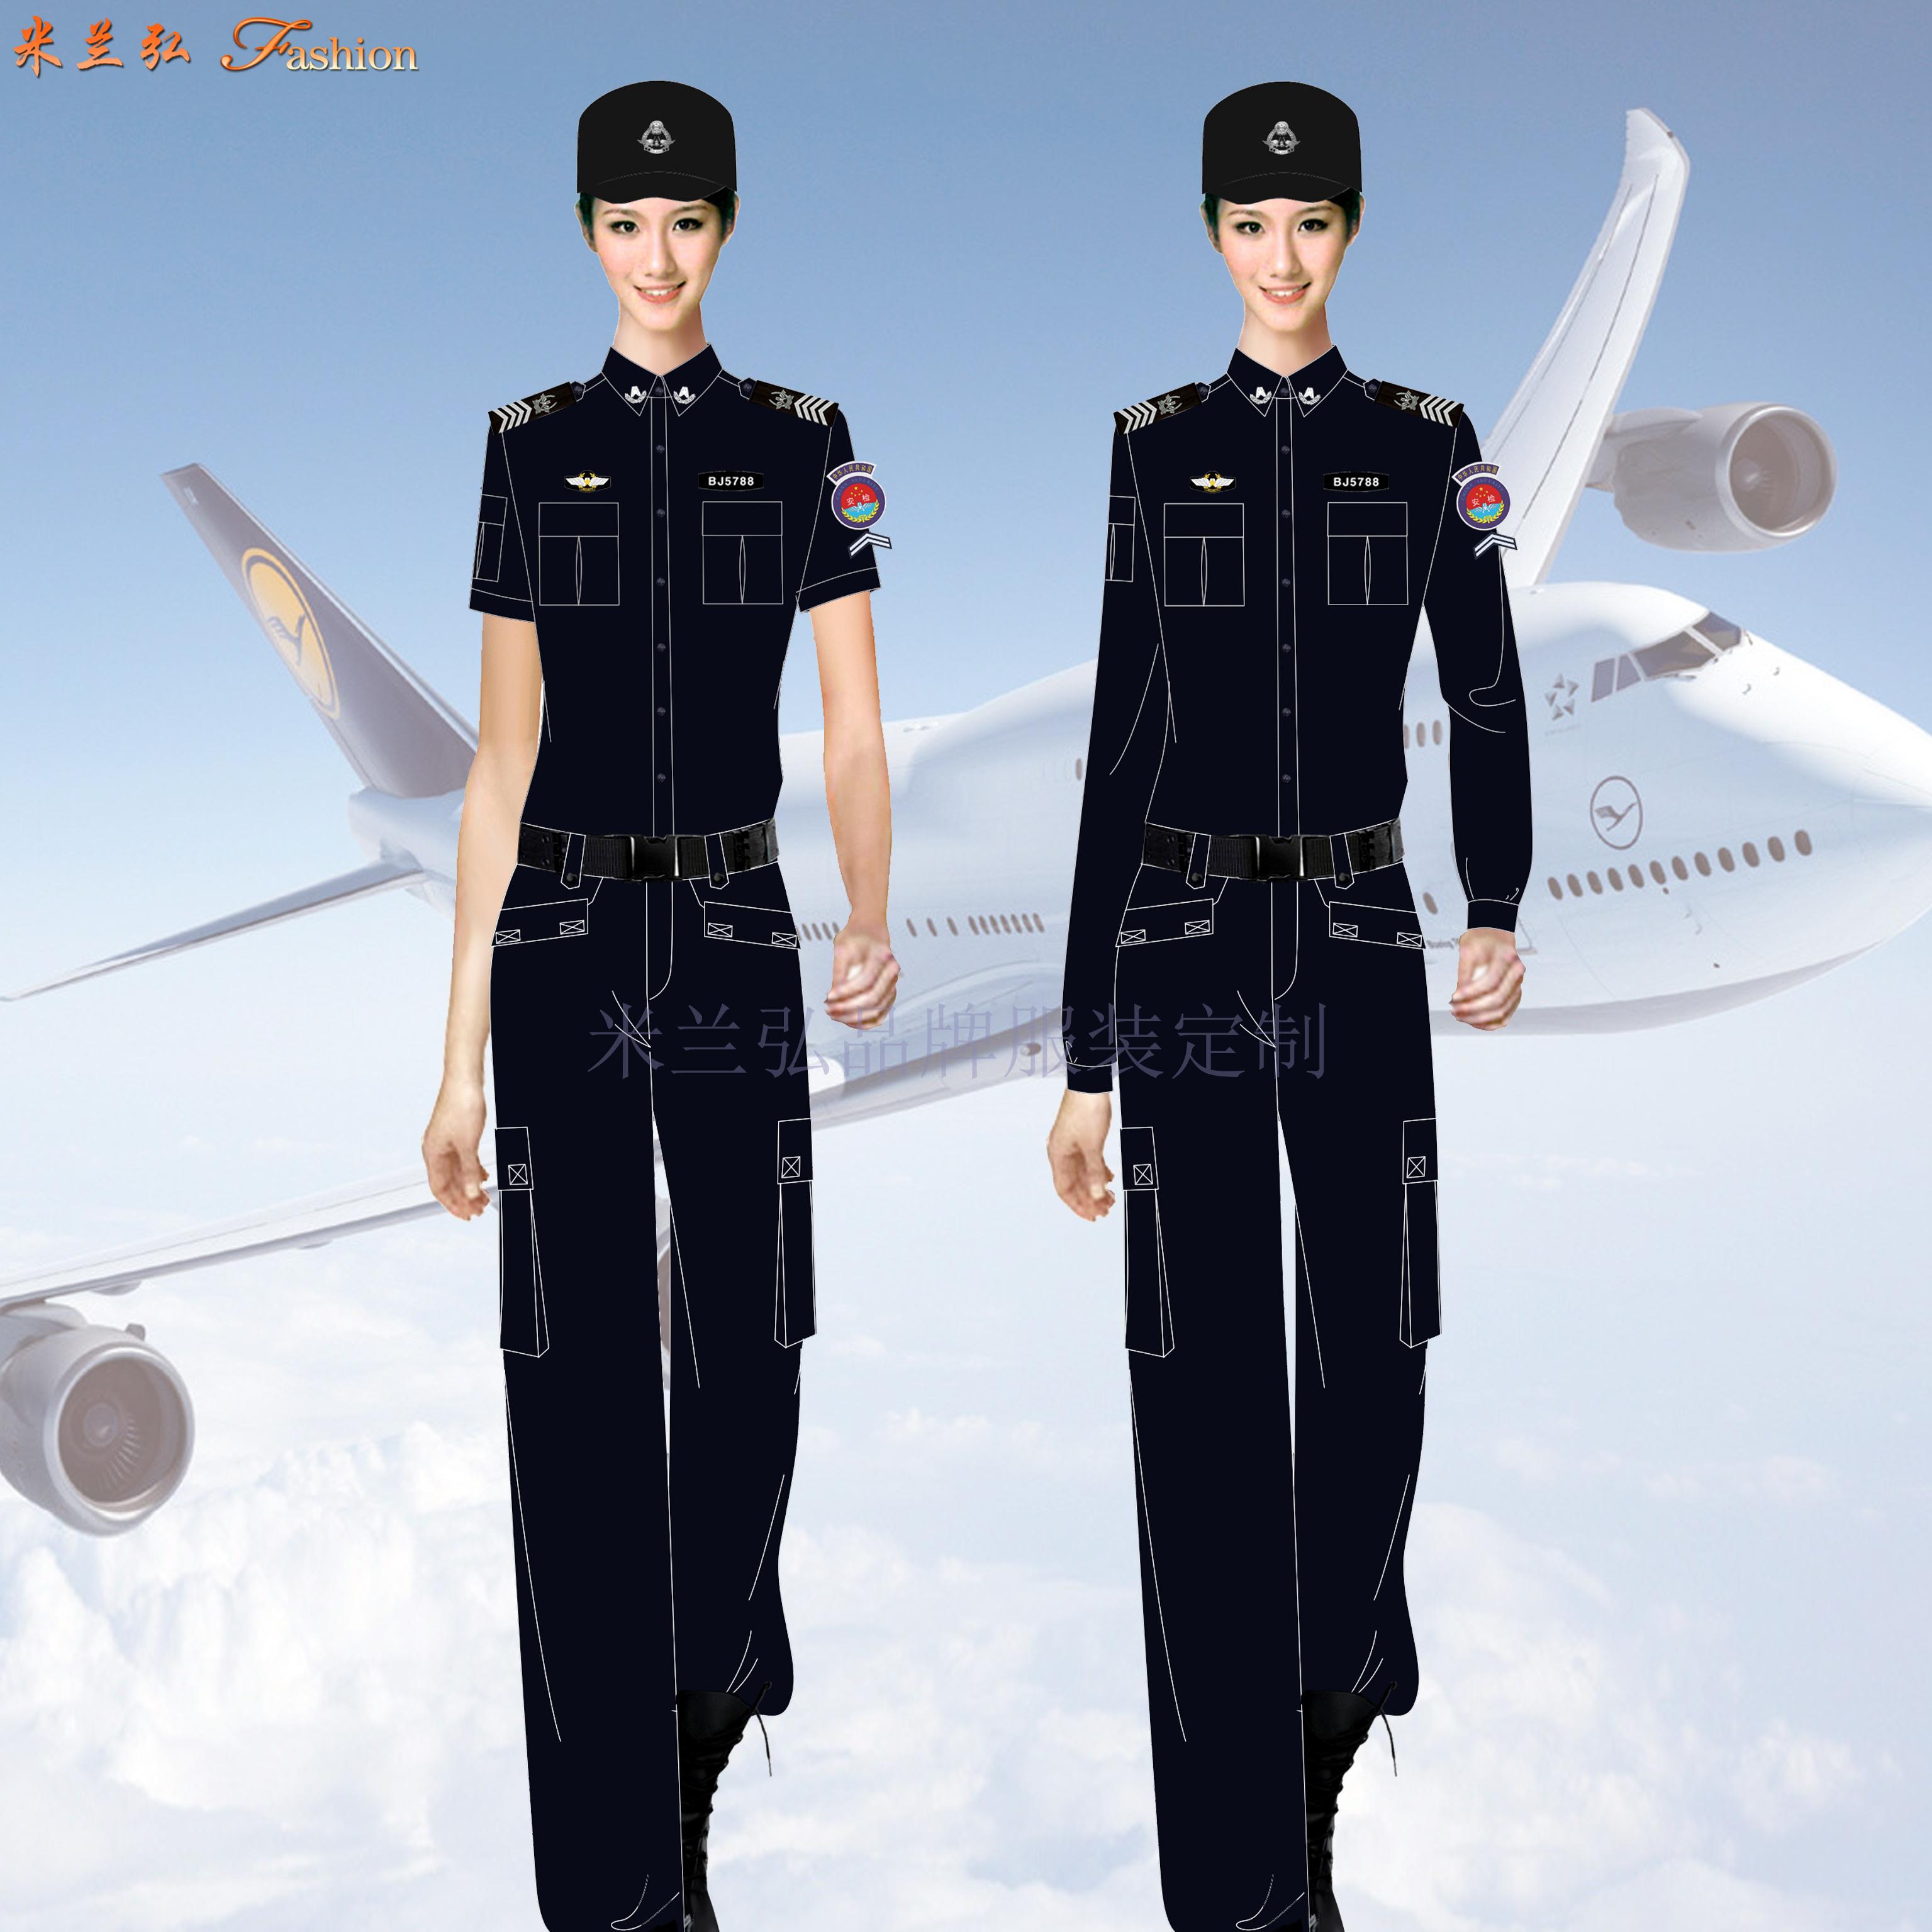 「北京安檢服訂做」「地鐵安檢服定作」「城軌安檢服定制」👍-4